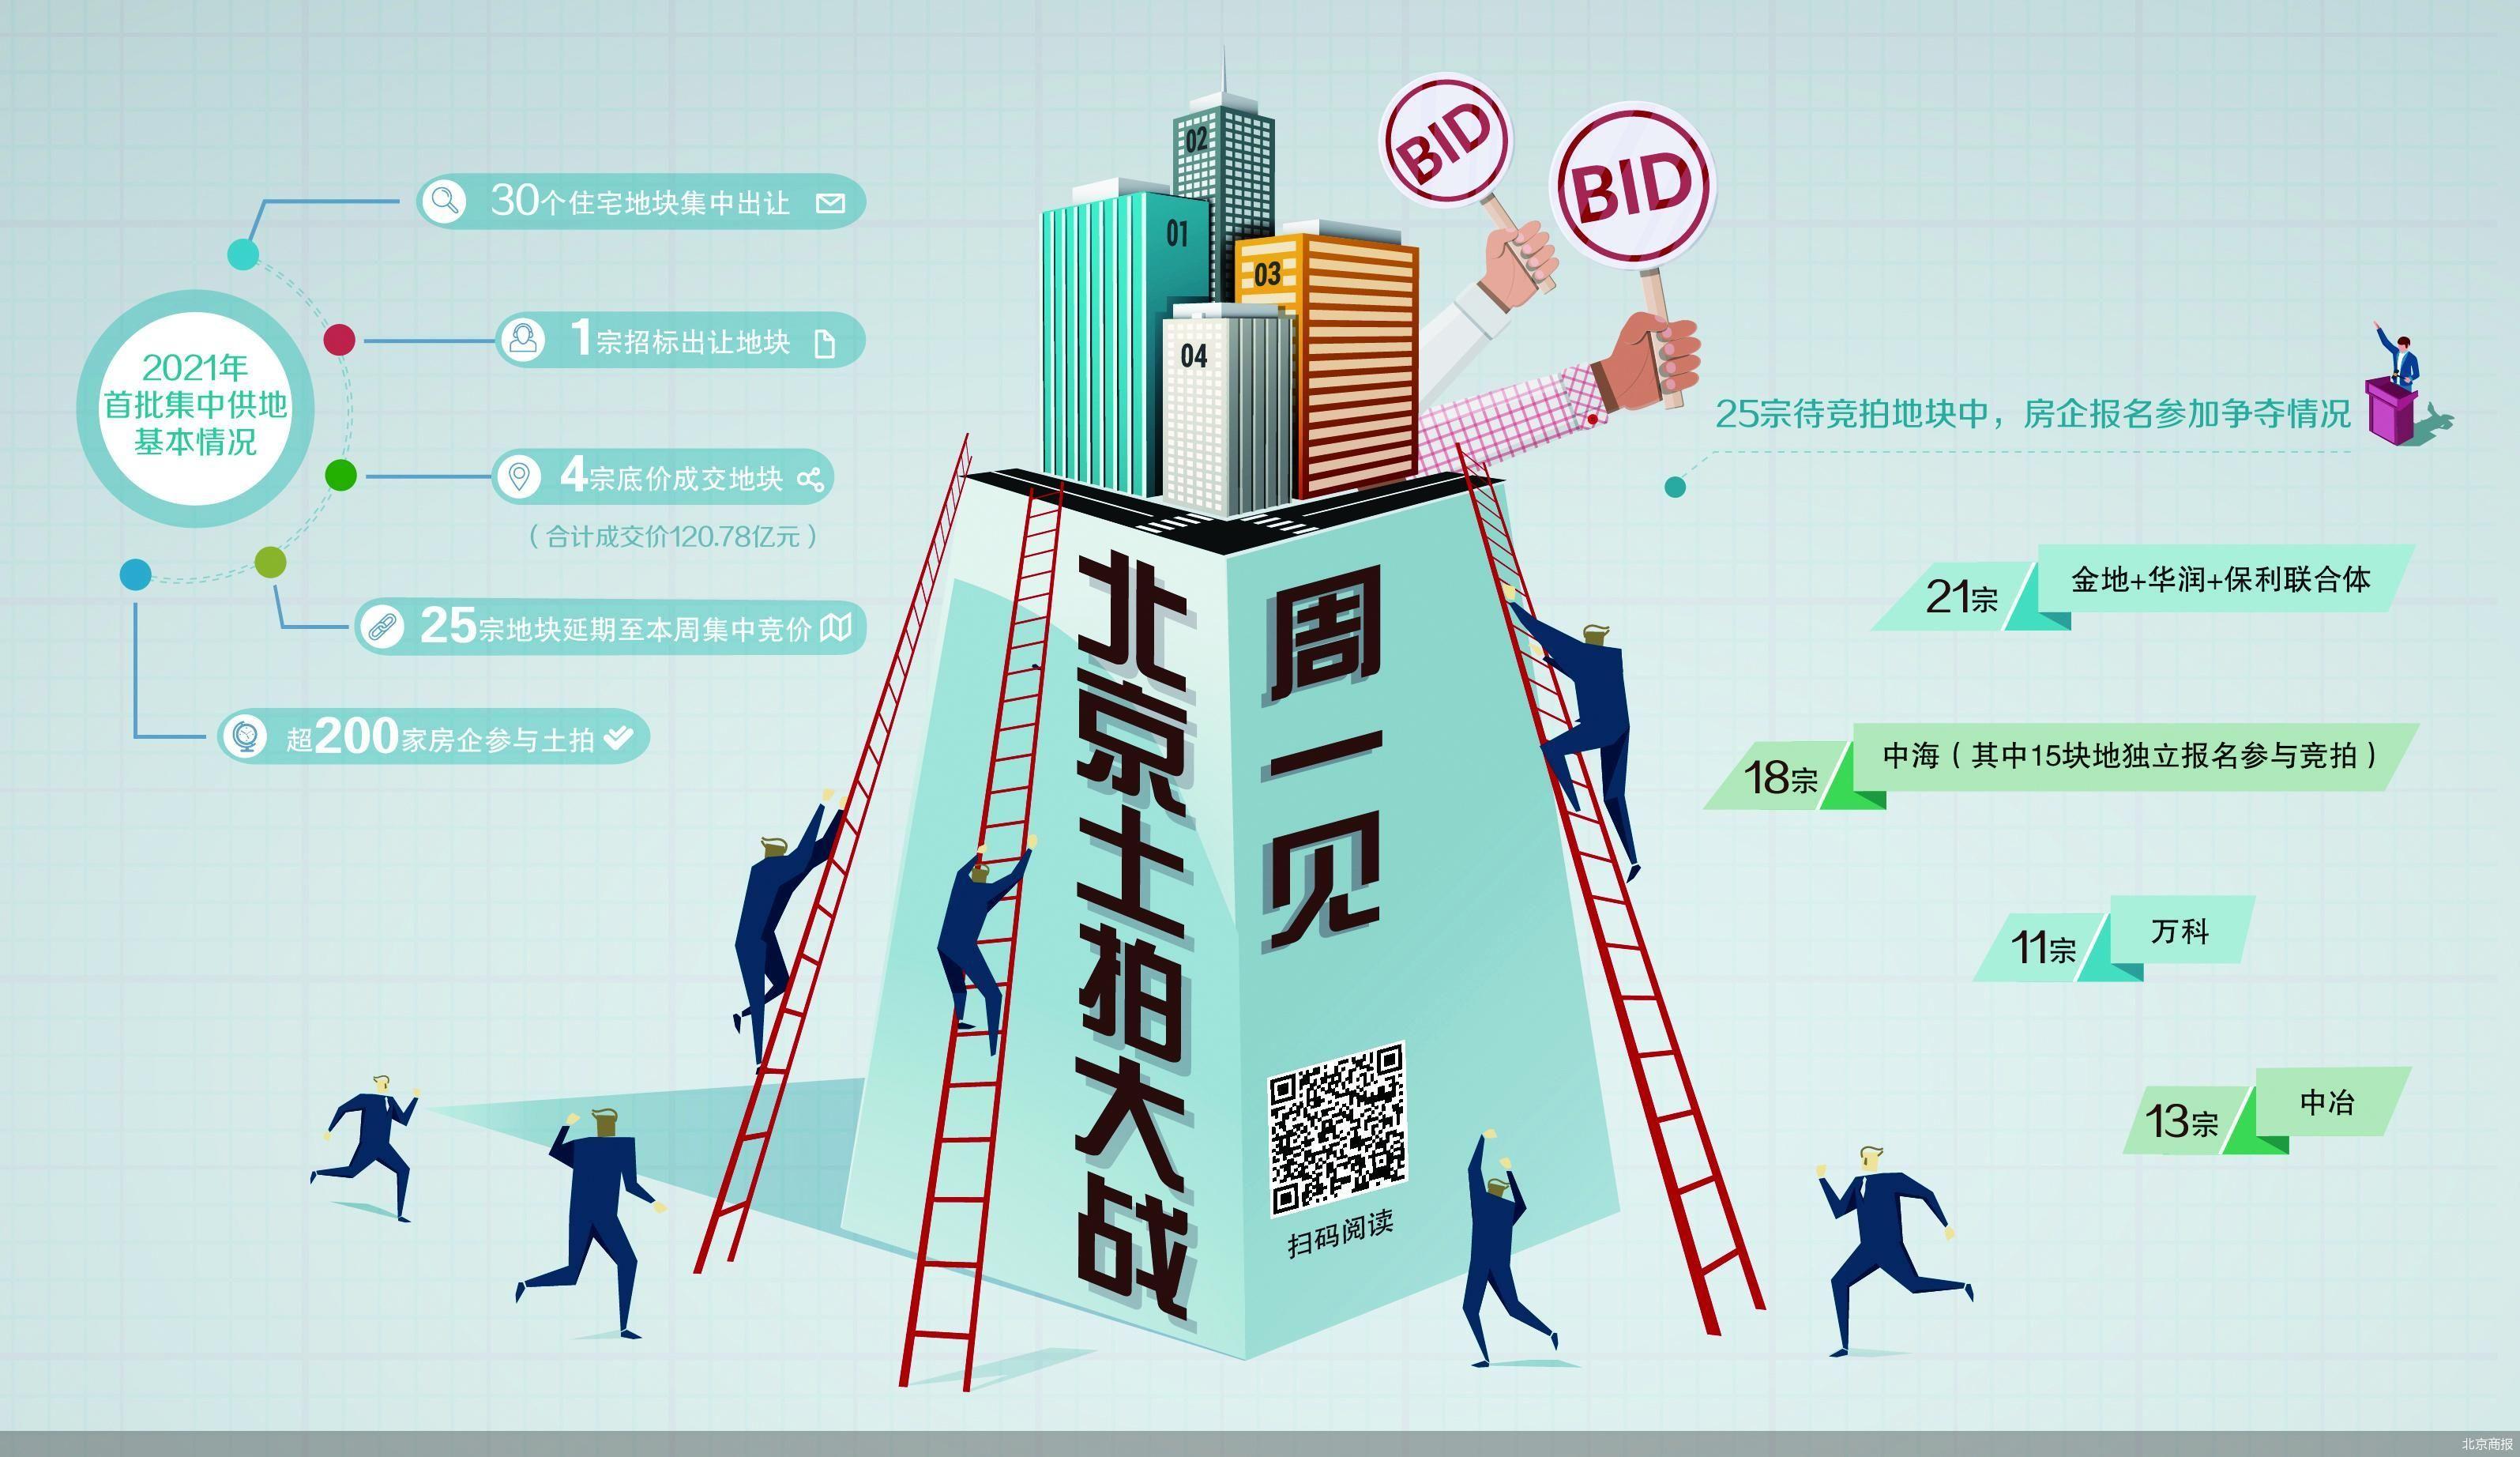 北京今年首场拿地大战周一见 25宗地块进入现场竞价